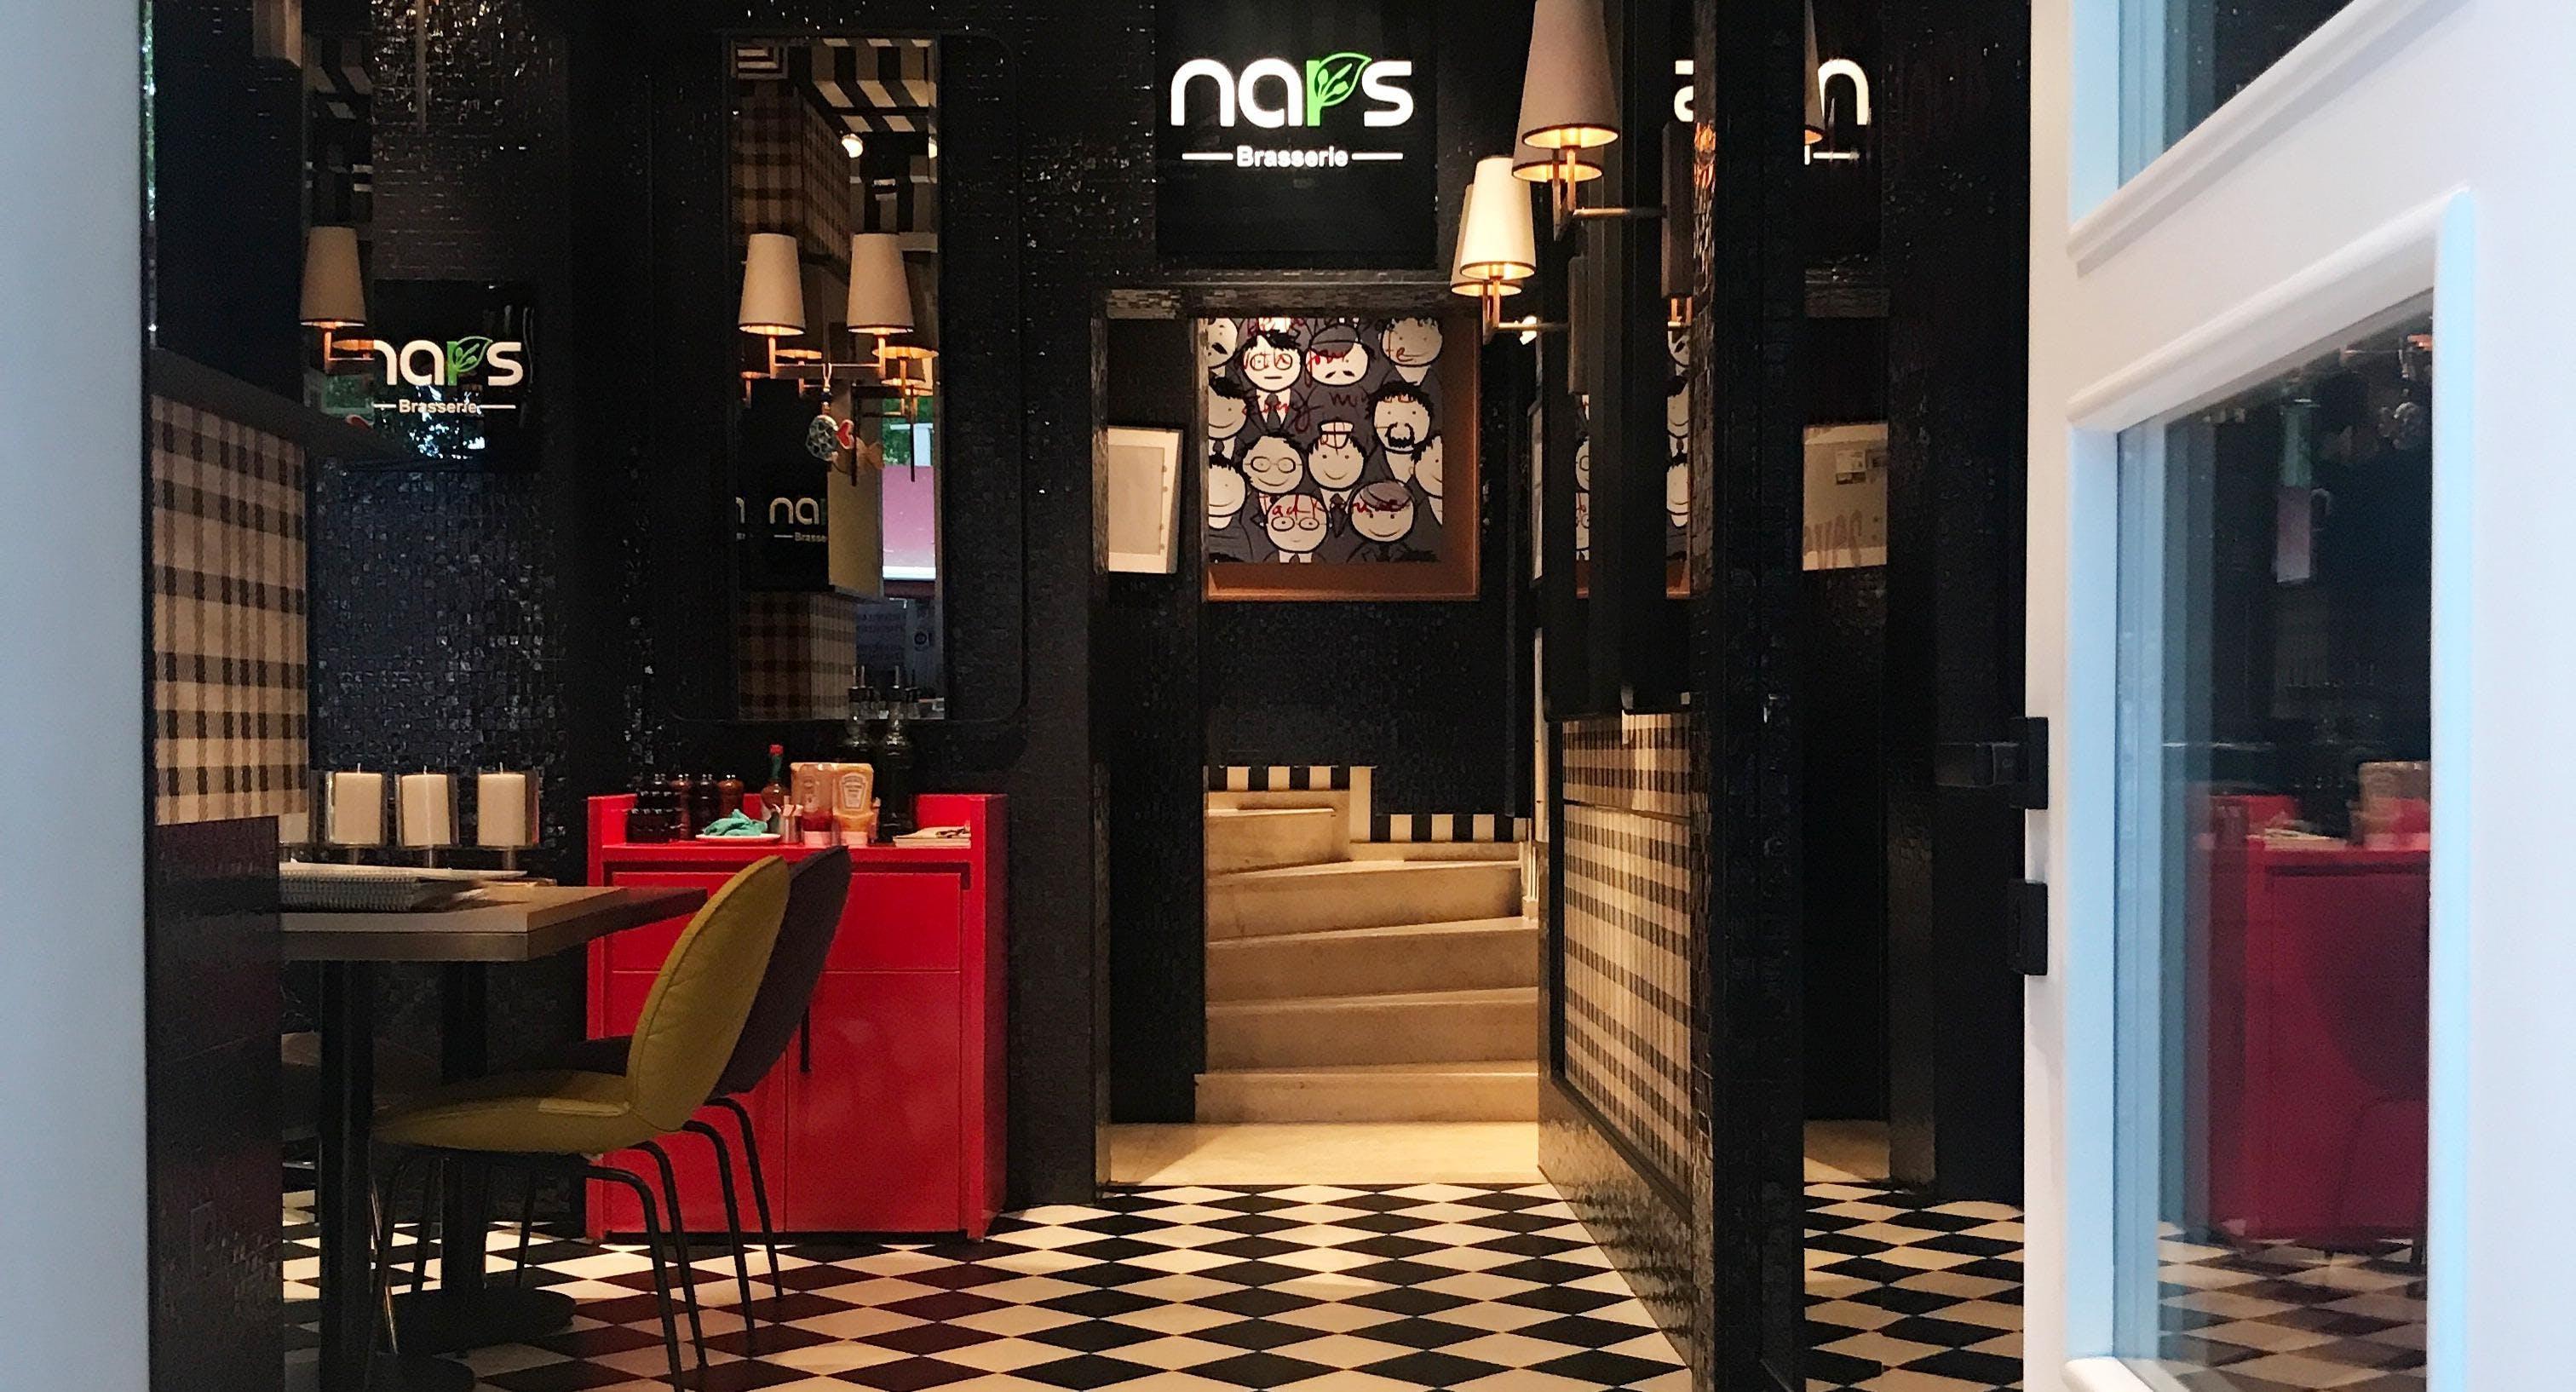 Nars Brasserie Istanbul image 2